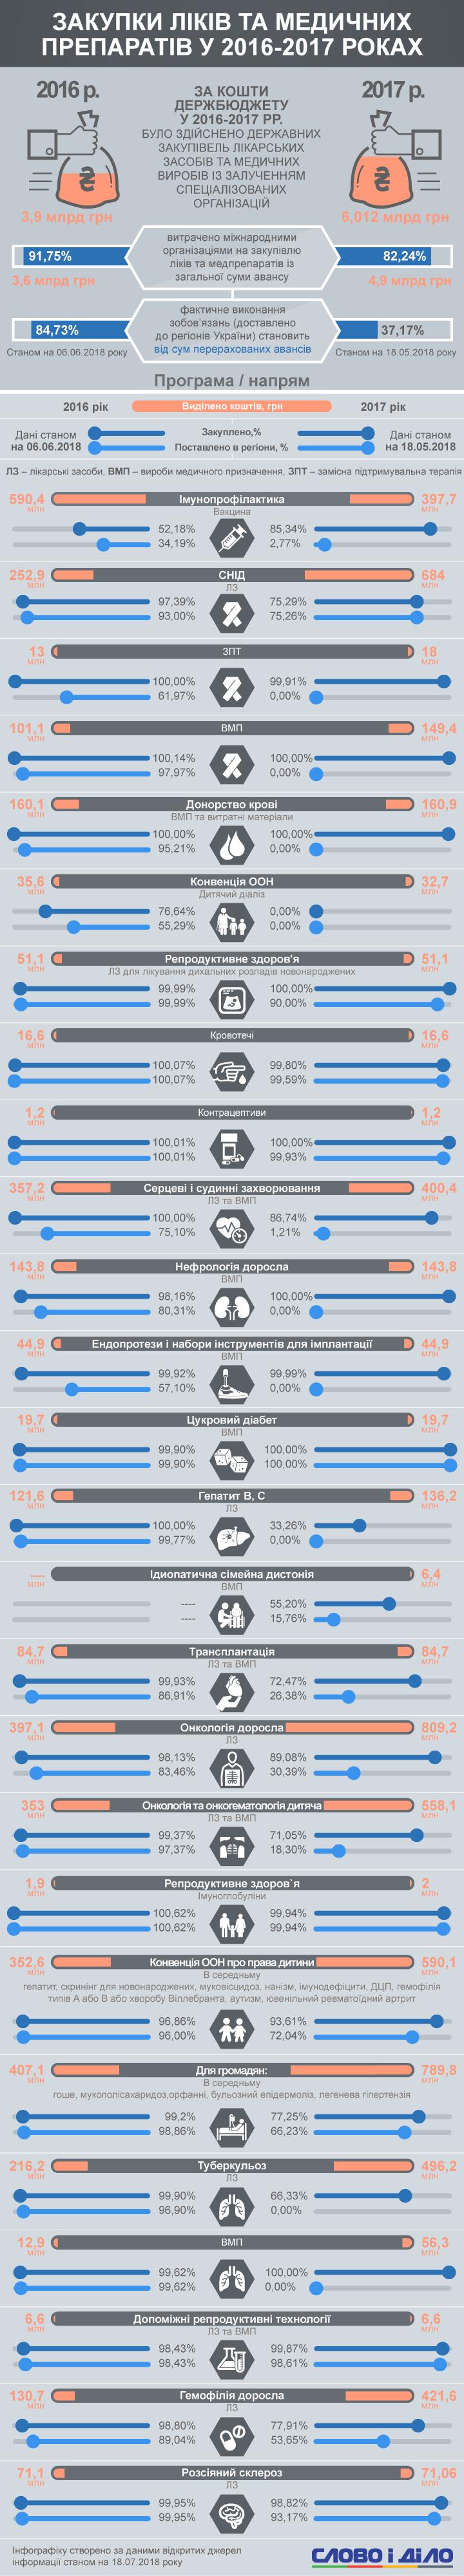 Как закупались лекарства в Украине в 2016-2017 годах